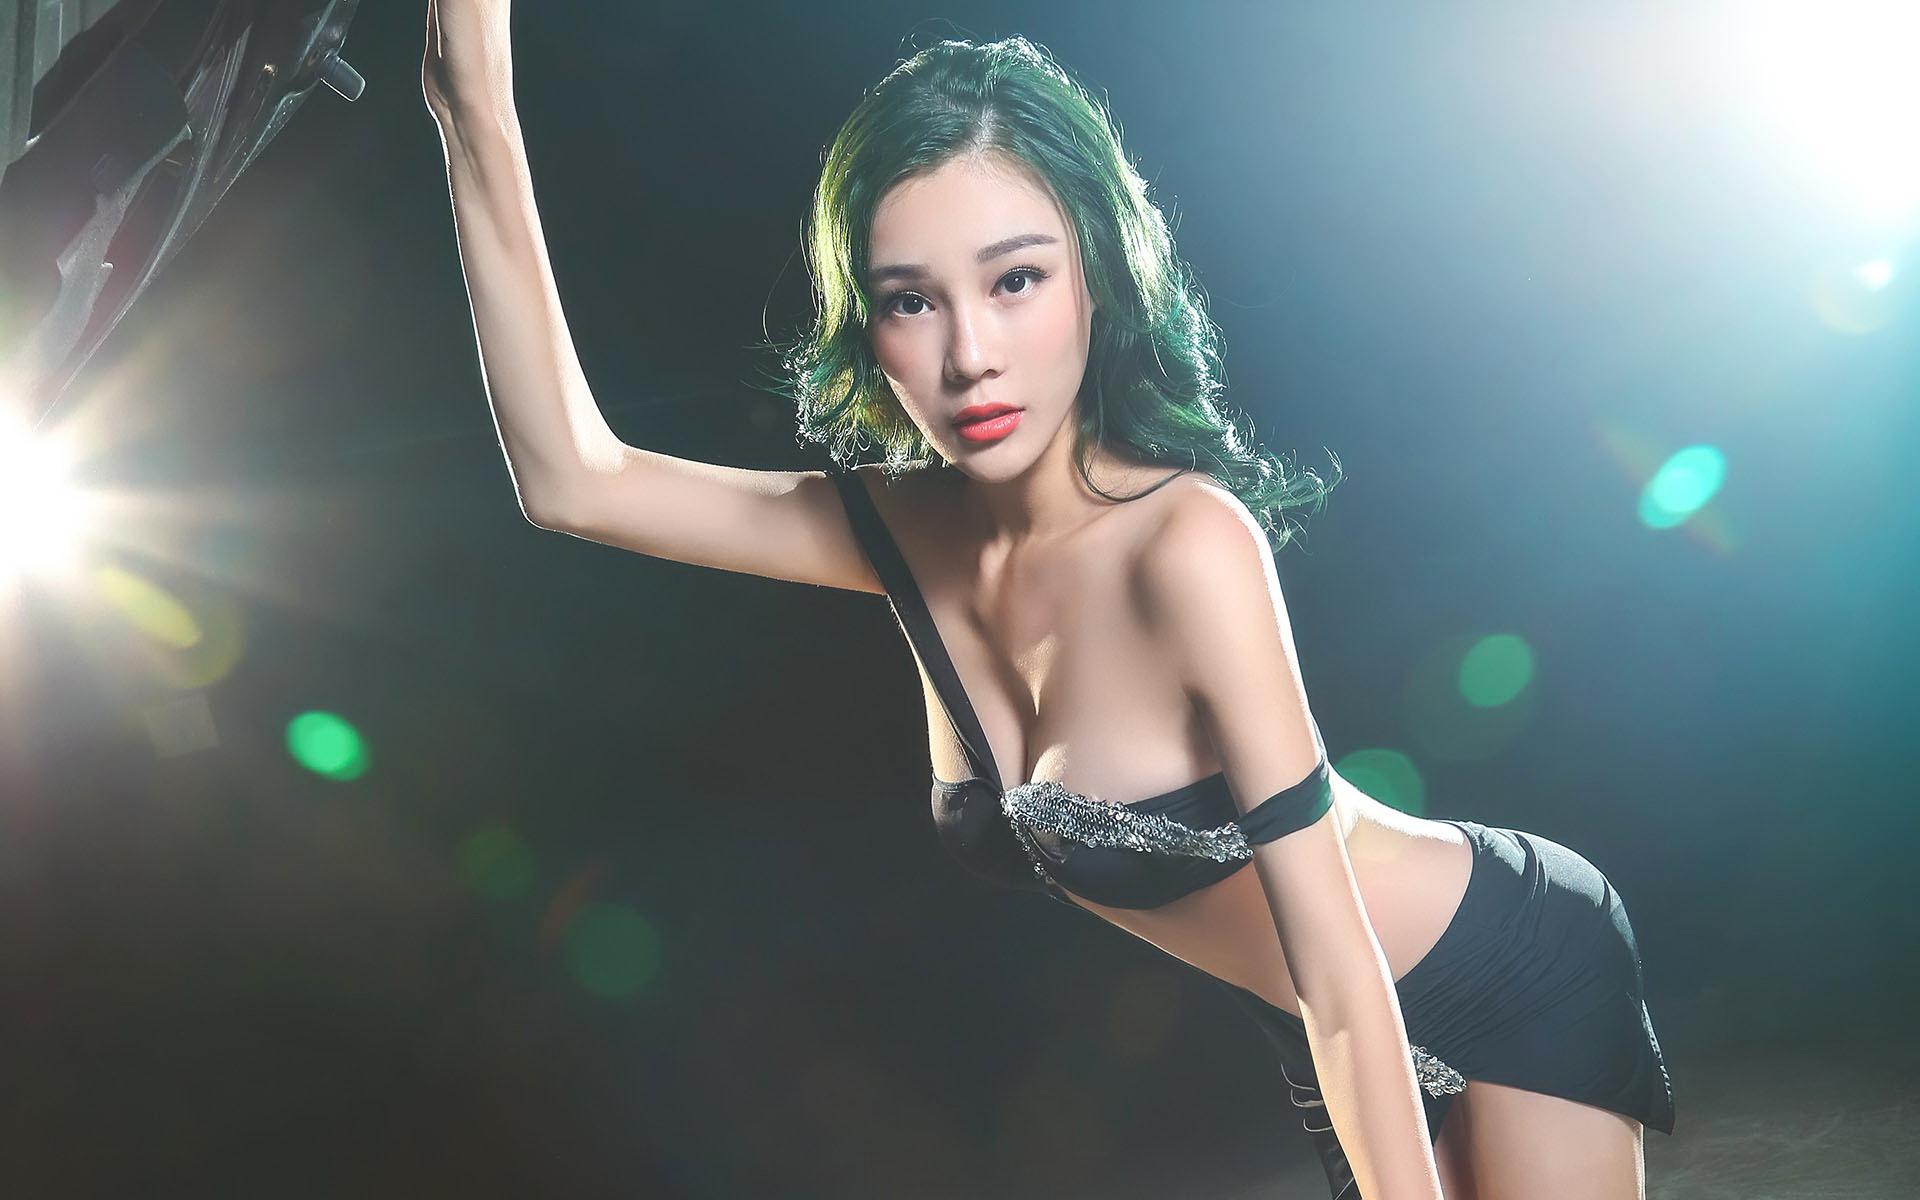 亚洲美女壁纸选 - 花開有聲 - 花開有聲